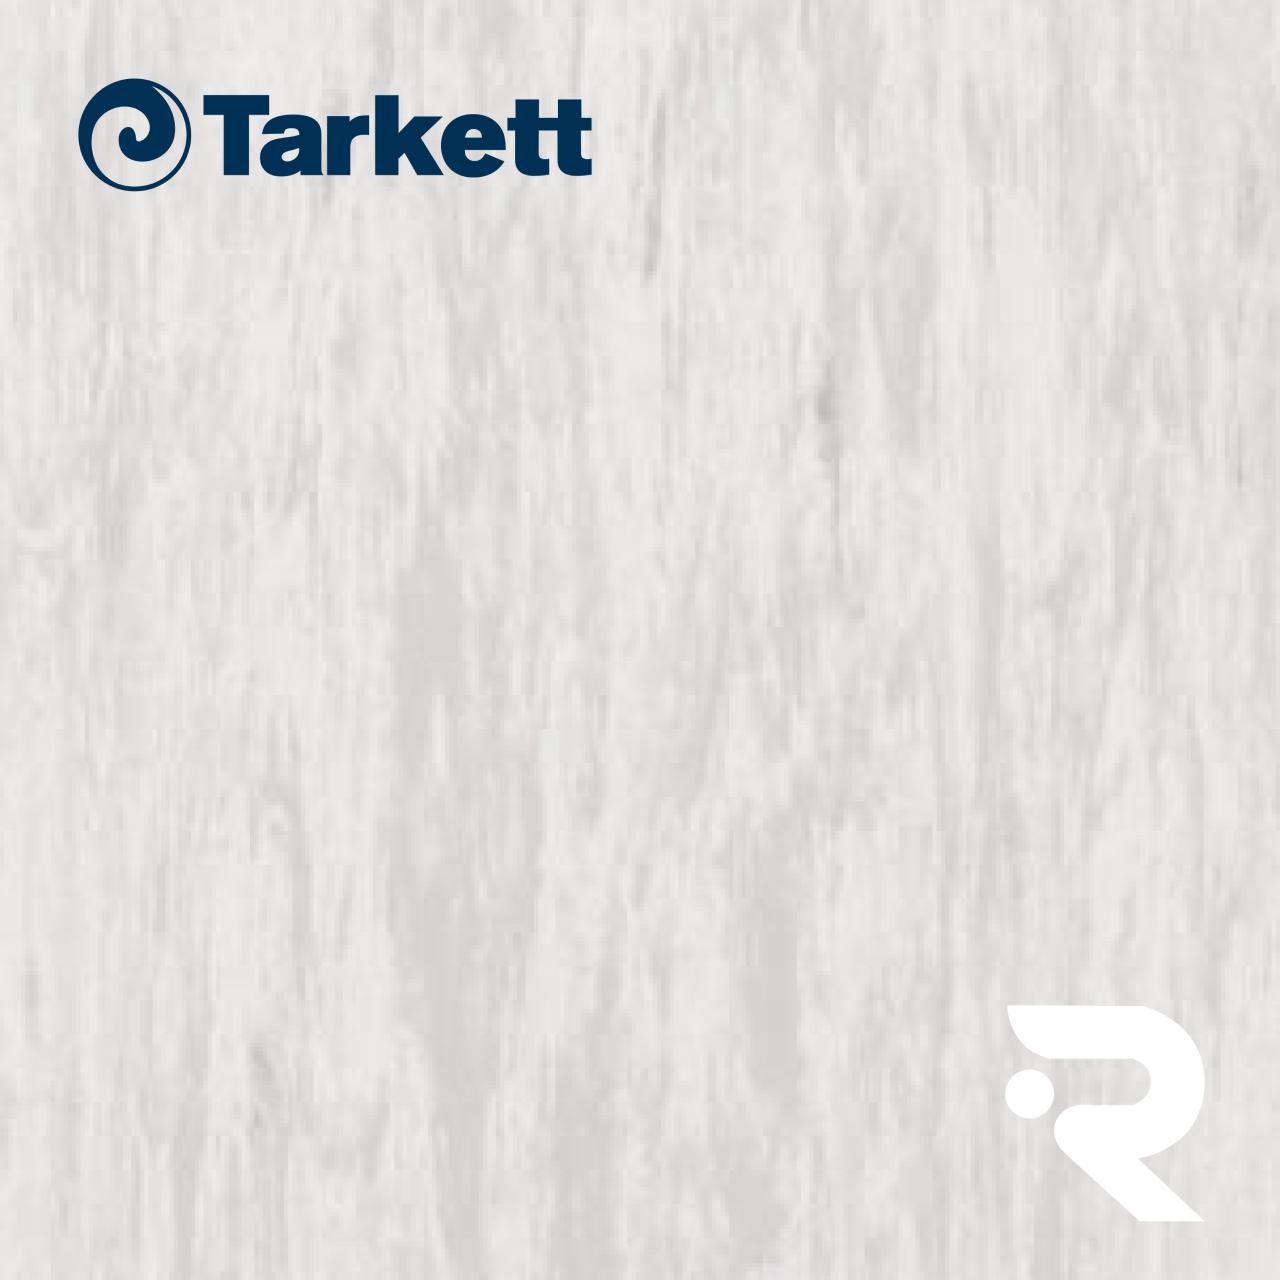 🏫 Гомогенний лінолеум Tarkett   Standard LIGHT GREY 0497   Standard Plus 2.0 mm   2 х 23 м